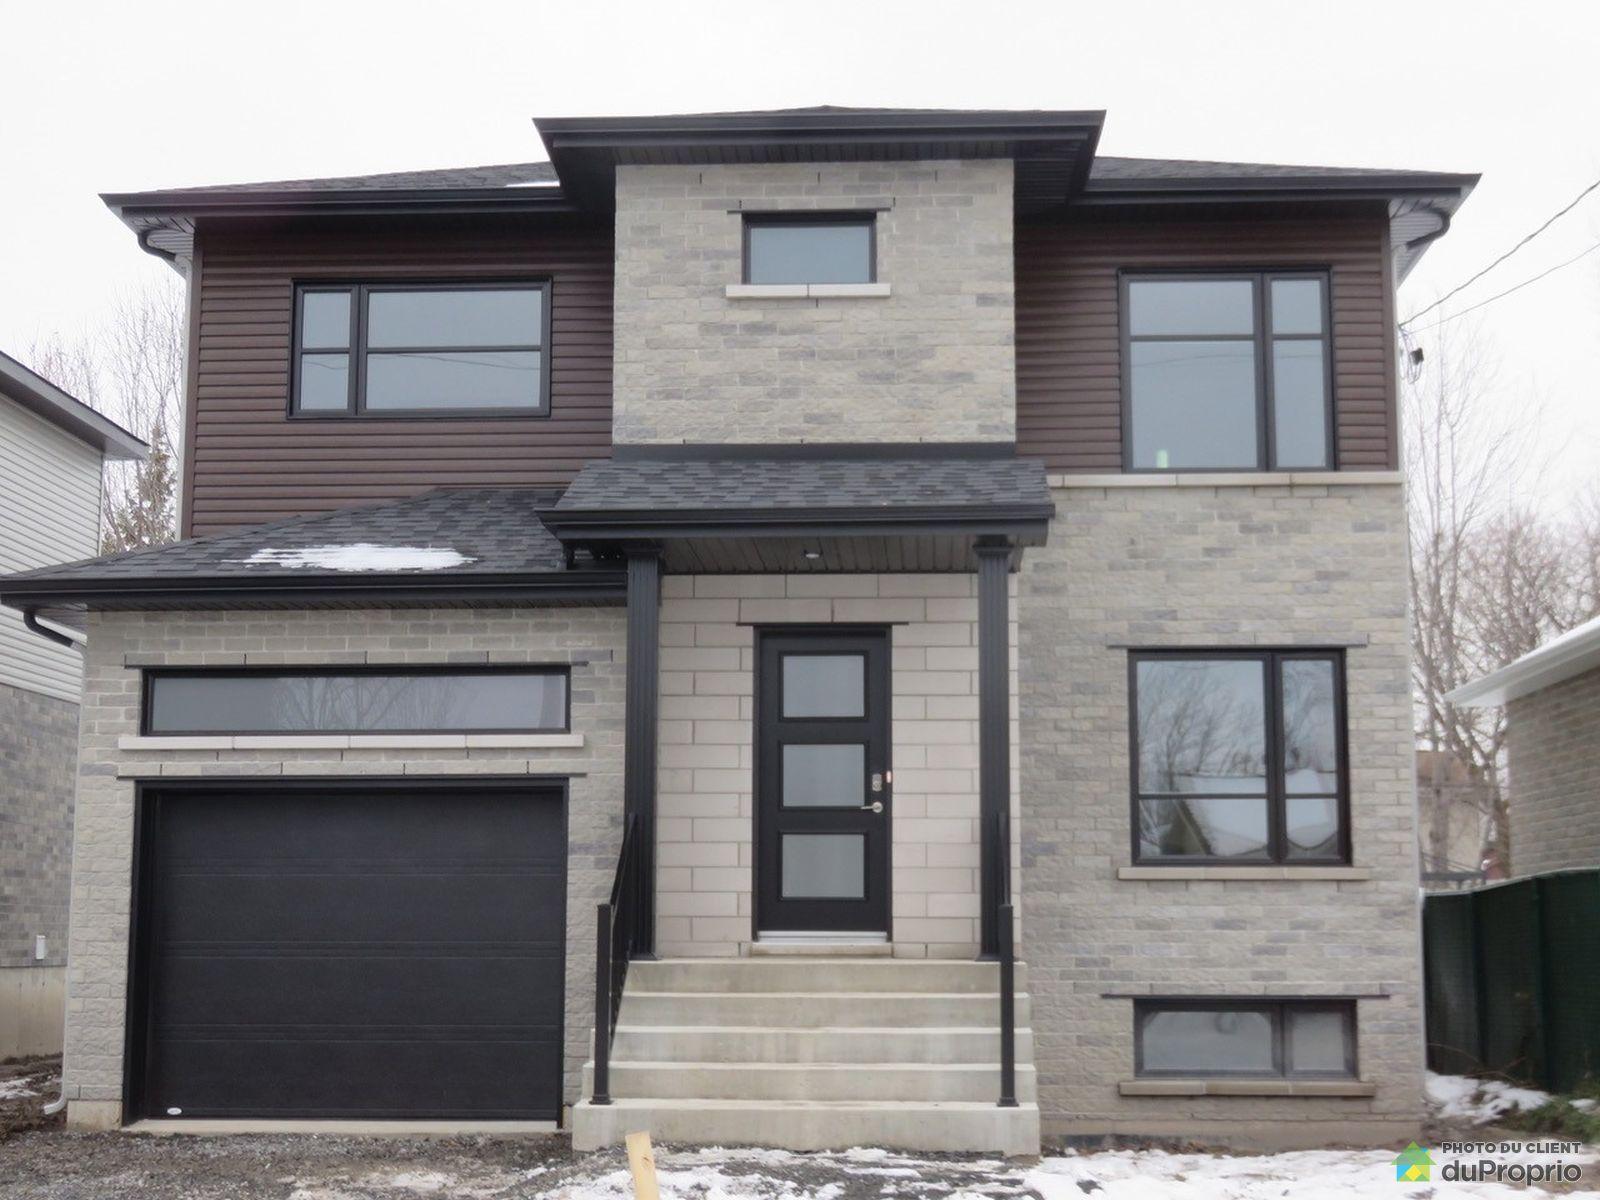 3840 rue Coderre - Par Chantignole Constructeur D'habitations, Longueuil (St-Hubert) for sale